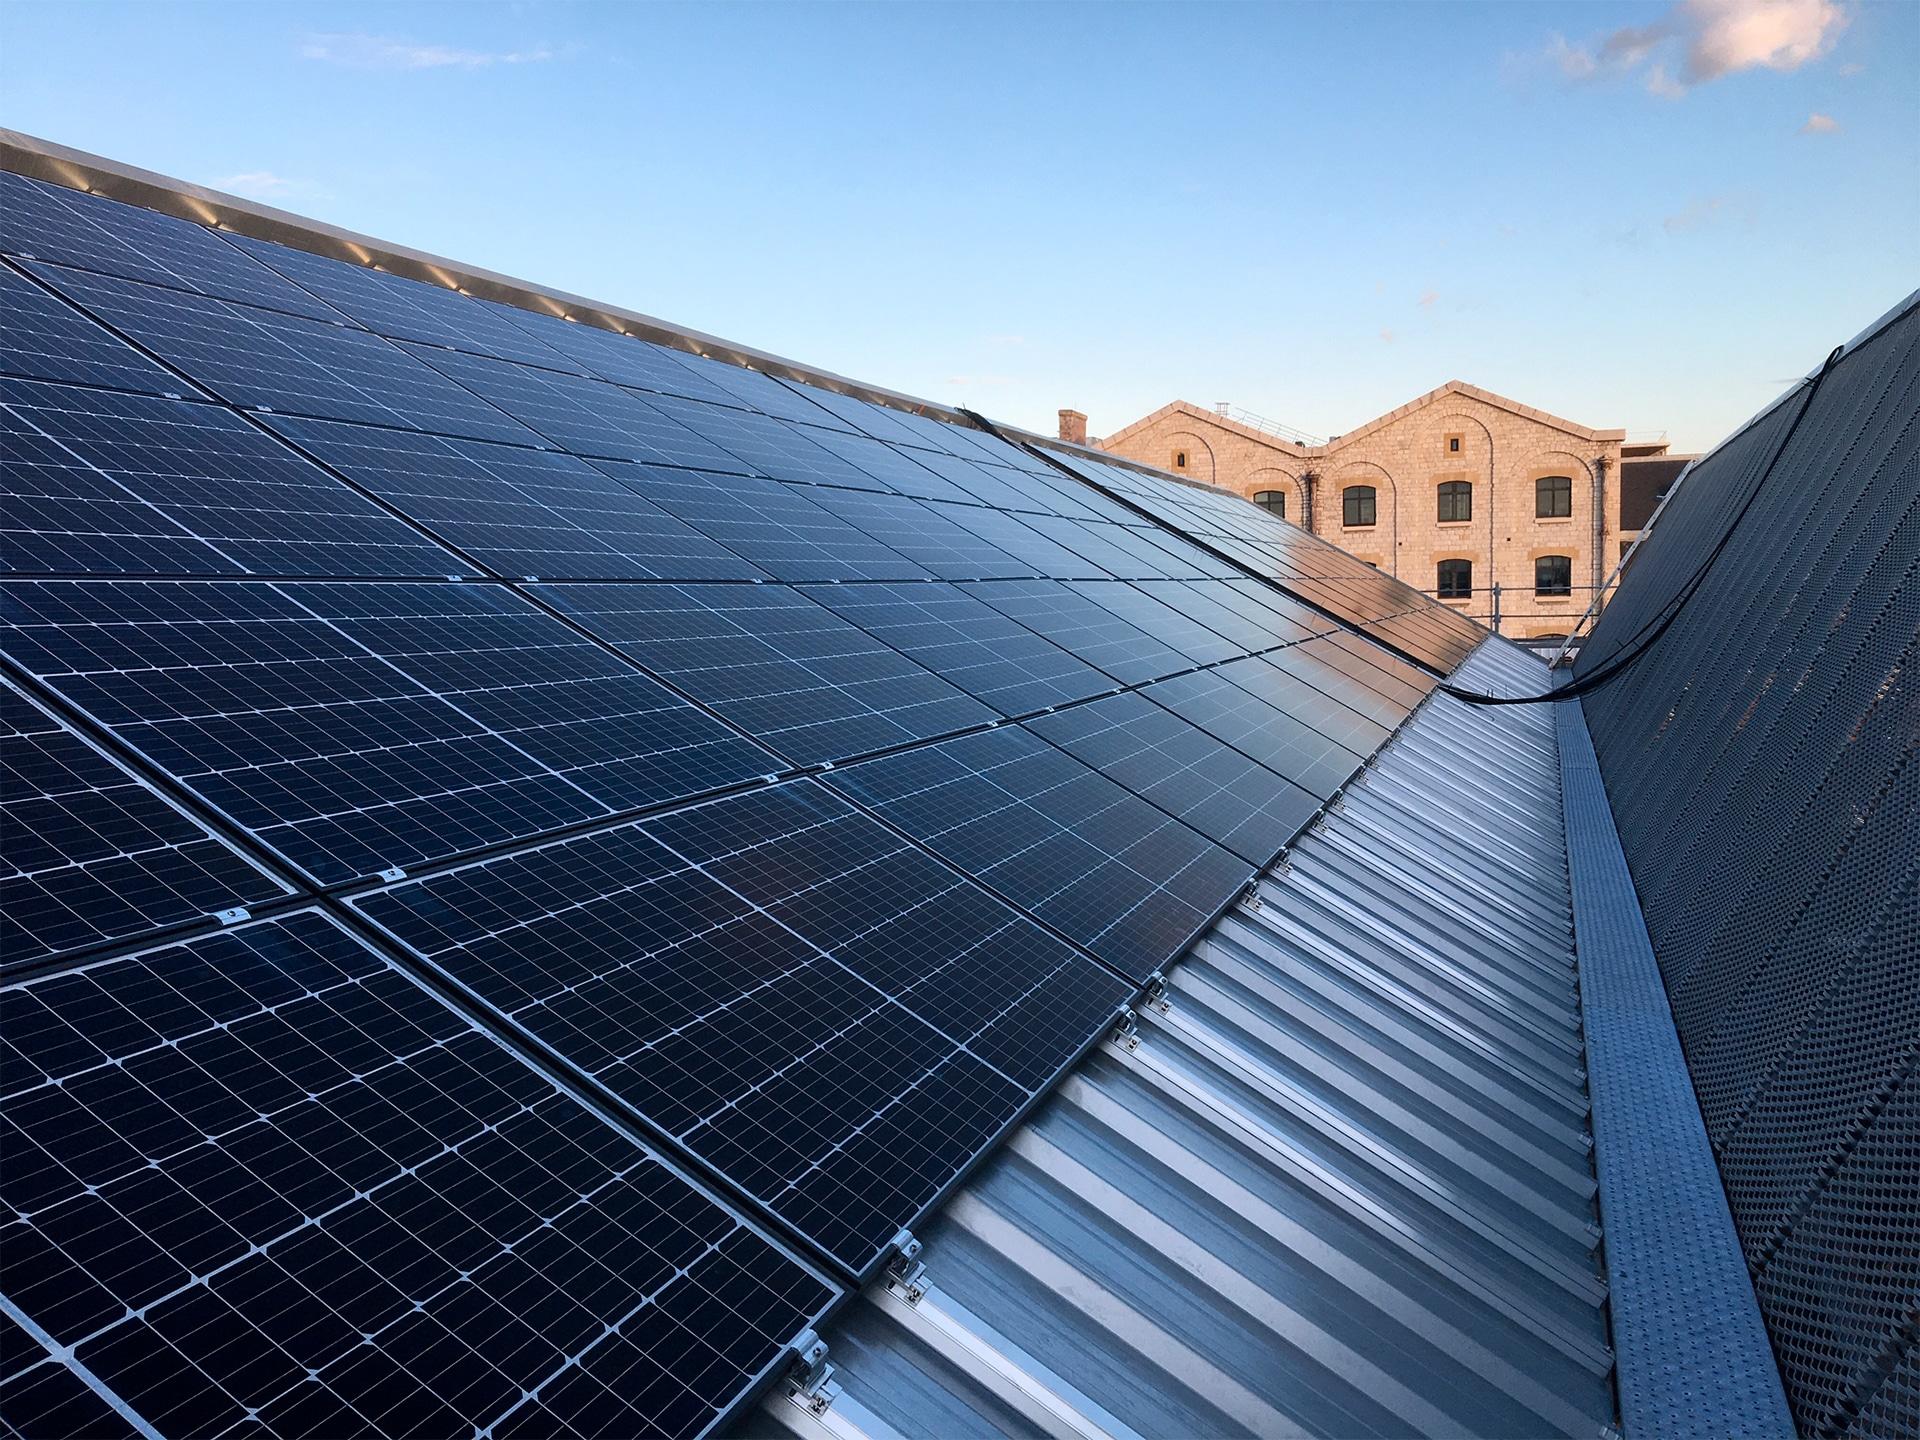 panneaux solaires sur trois types de couvertures